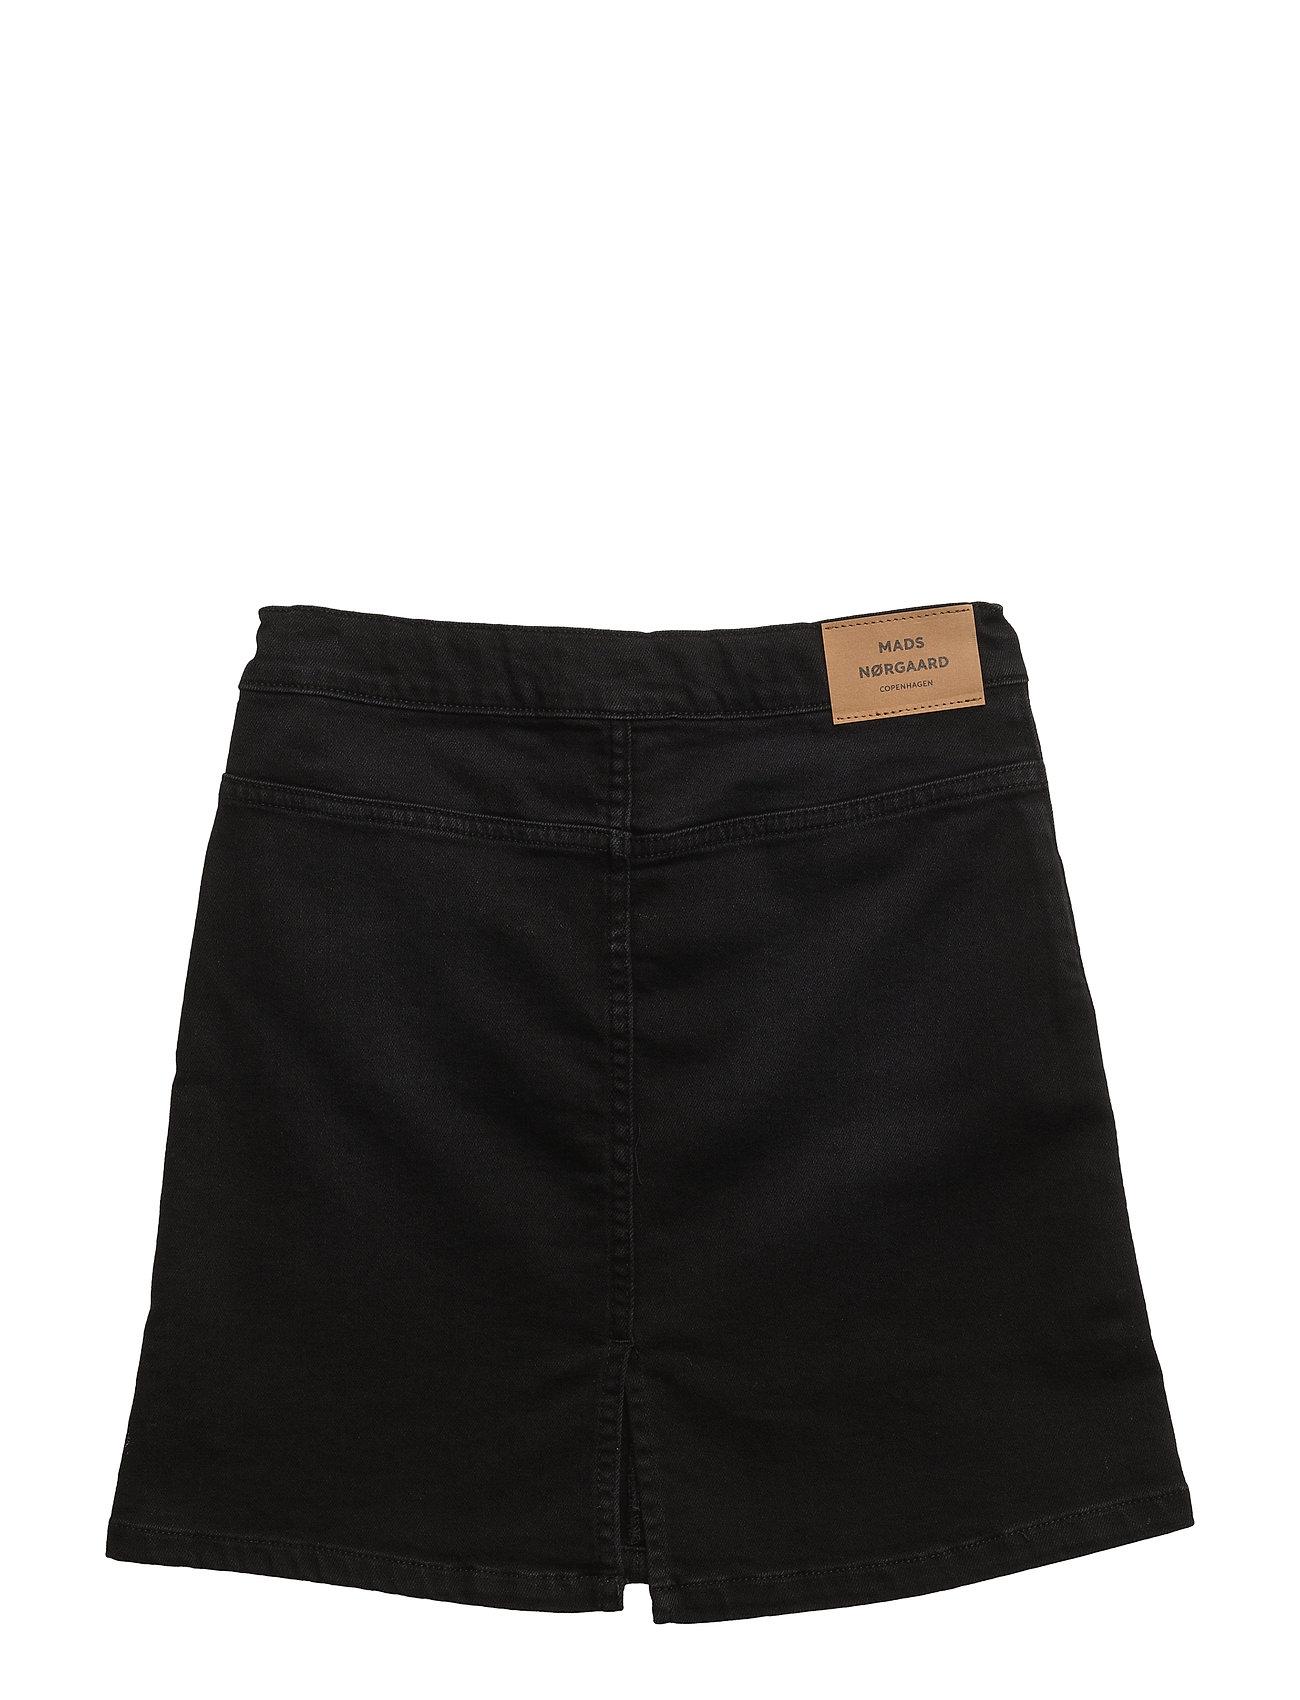 Mads Nørgaard - Washed Black/Black Safrana - röcke - washed black - 1